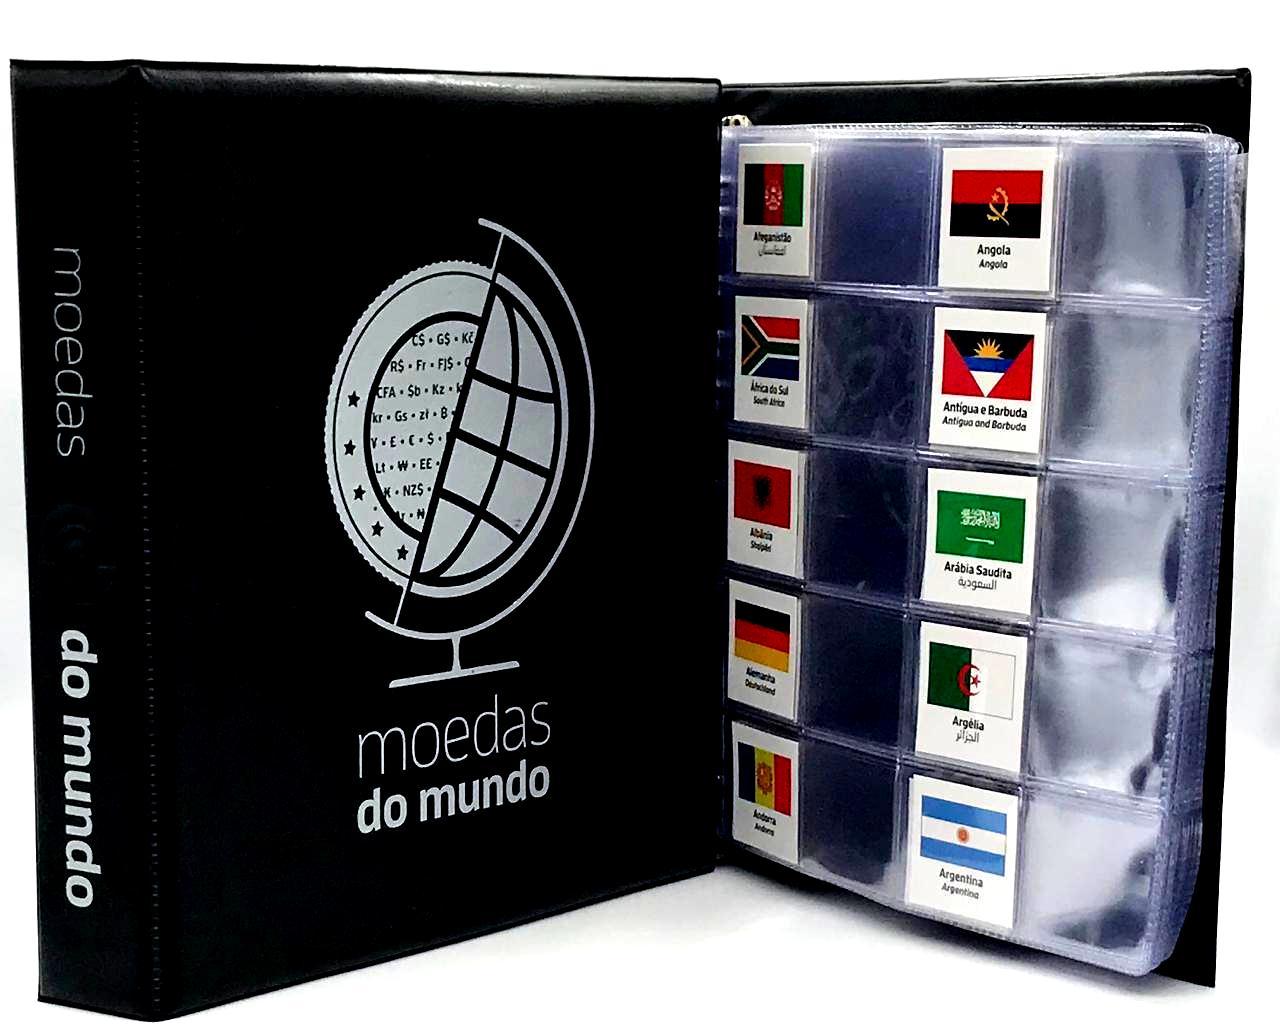 Kit Álbum tipo Fichário Moedas do Mundo + 20 folhas + Etiquetas Moedas do Mundo